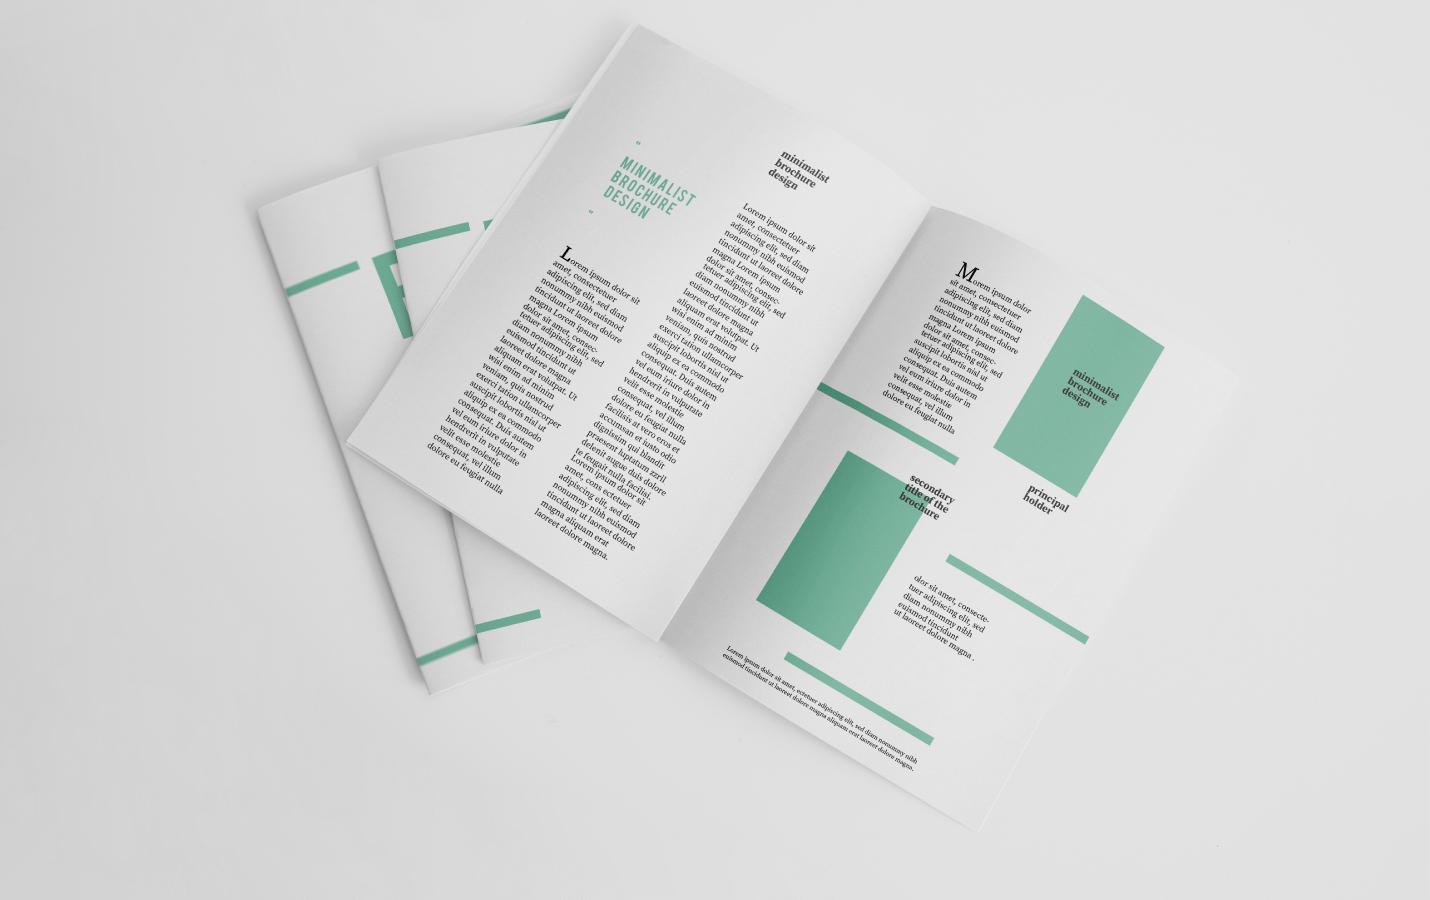 Qual a diferença entre Folder, Panfleto e Flyer? Saiba quando utilizar cada um destes formatos impressos.